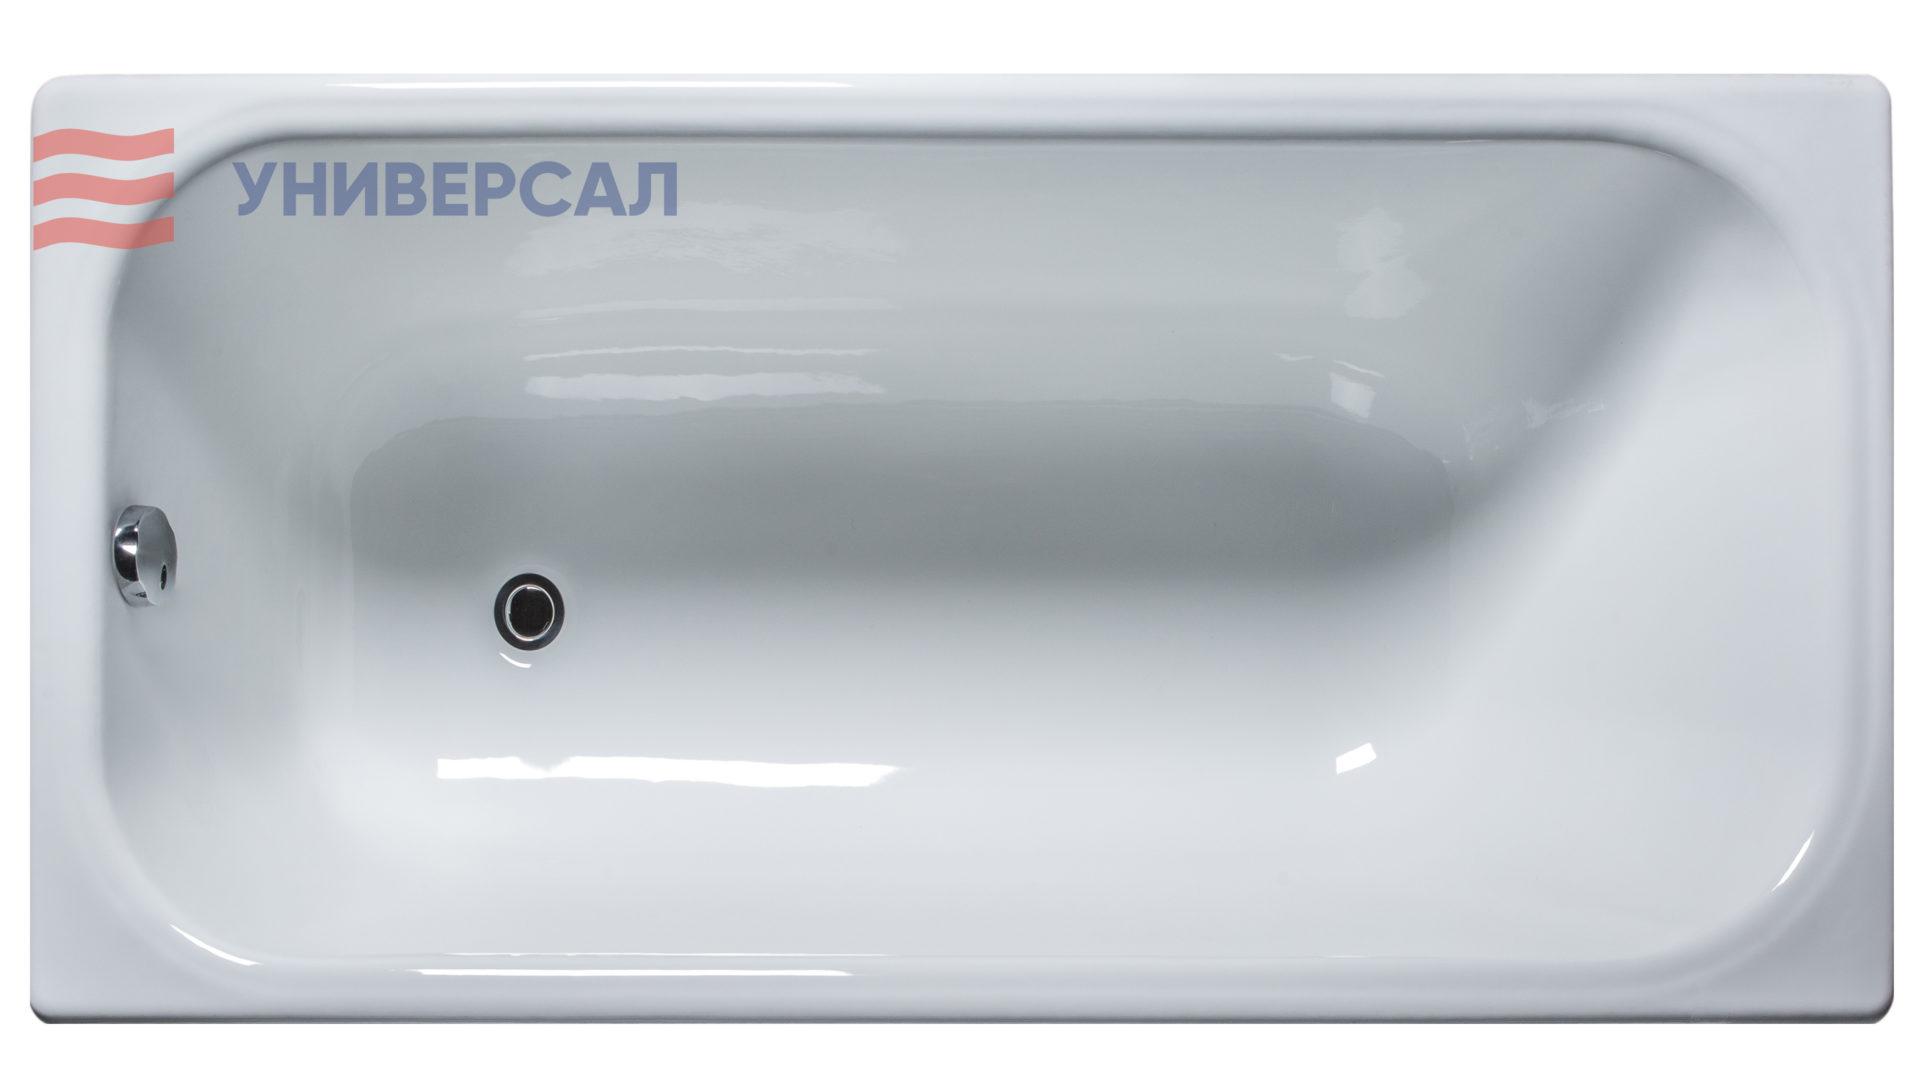 Ванна чугунная 140х70 Ностальжи